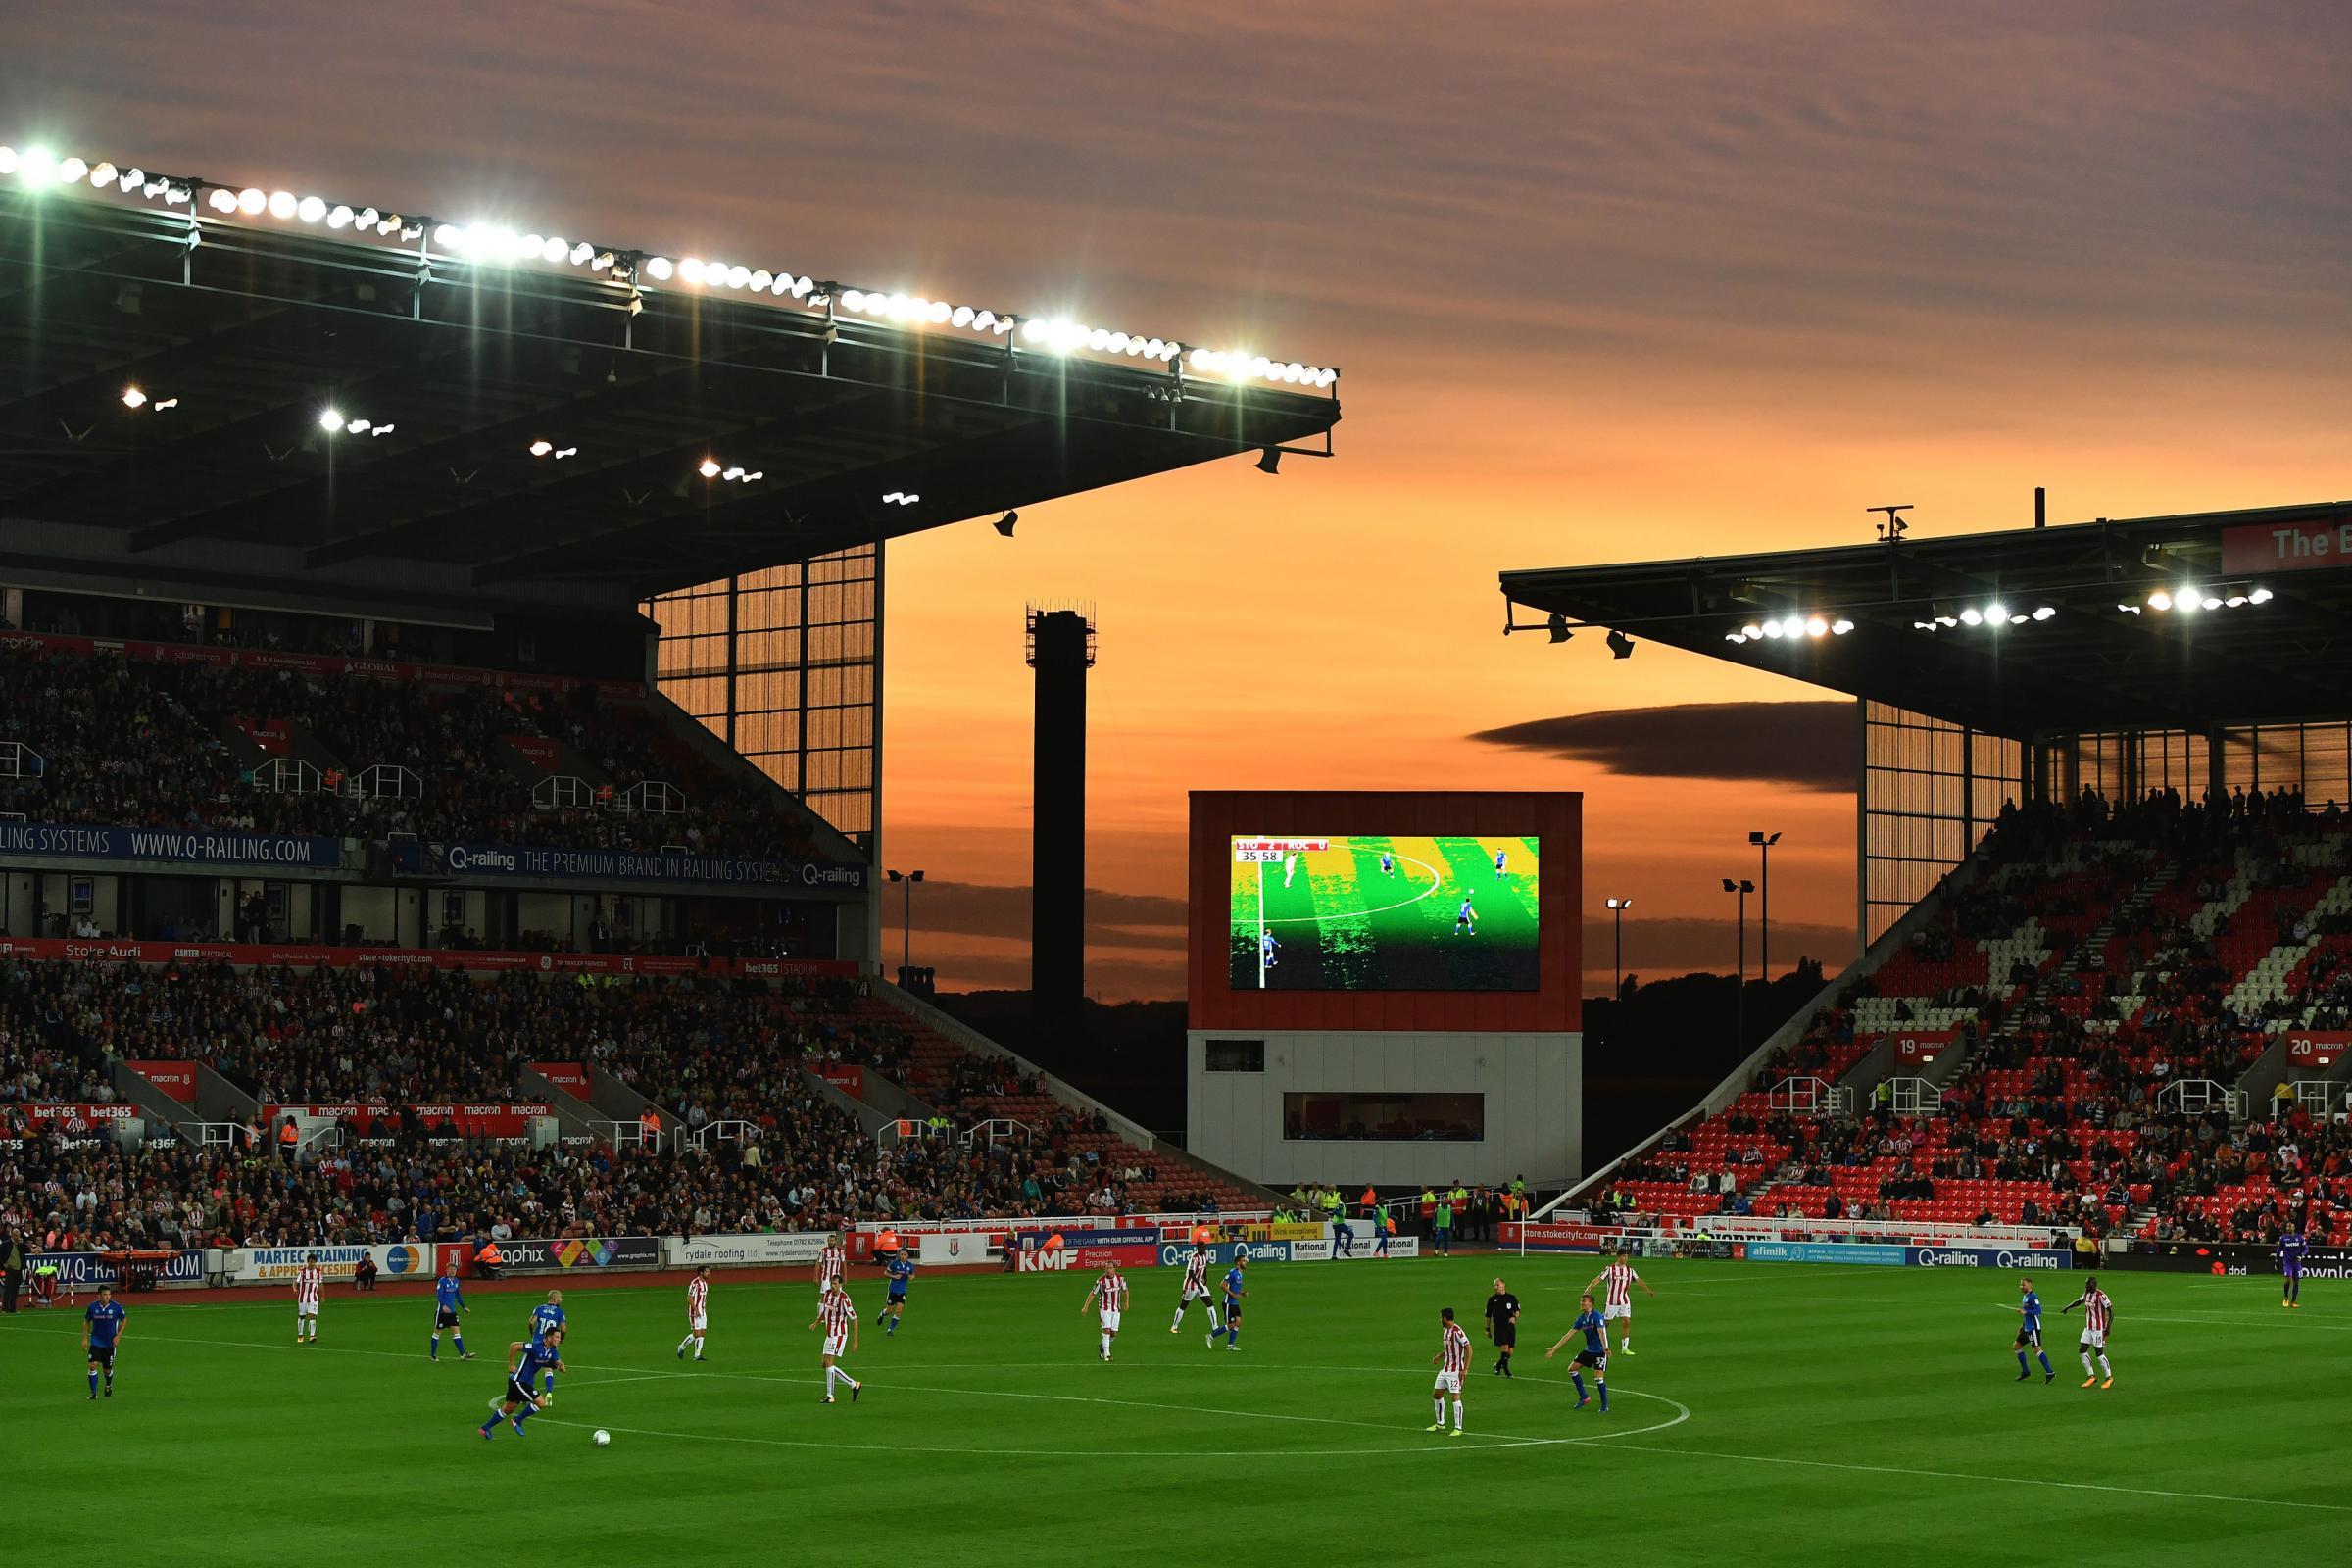 Ostrava-Zlin 1 marzo: si gioca per la 23 esima giornata della Serie A della Repubblica Ceca. Ospiti in grave crisi di risultati.